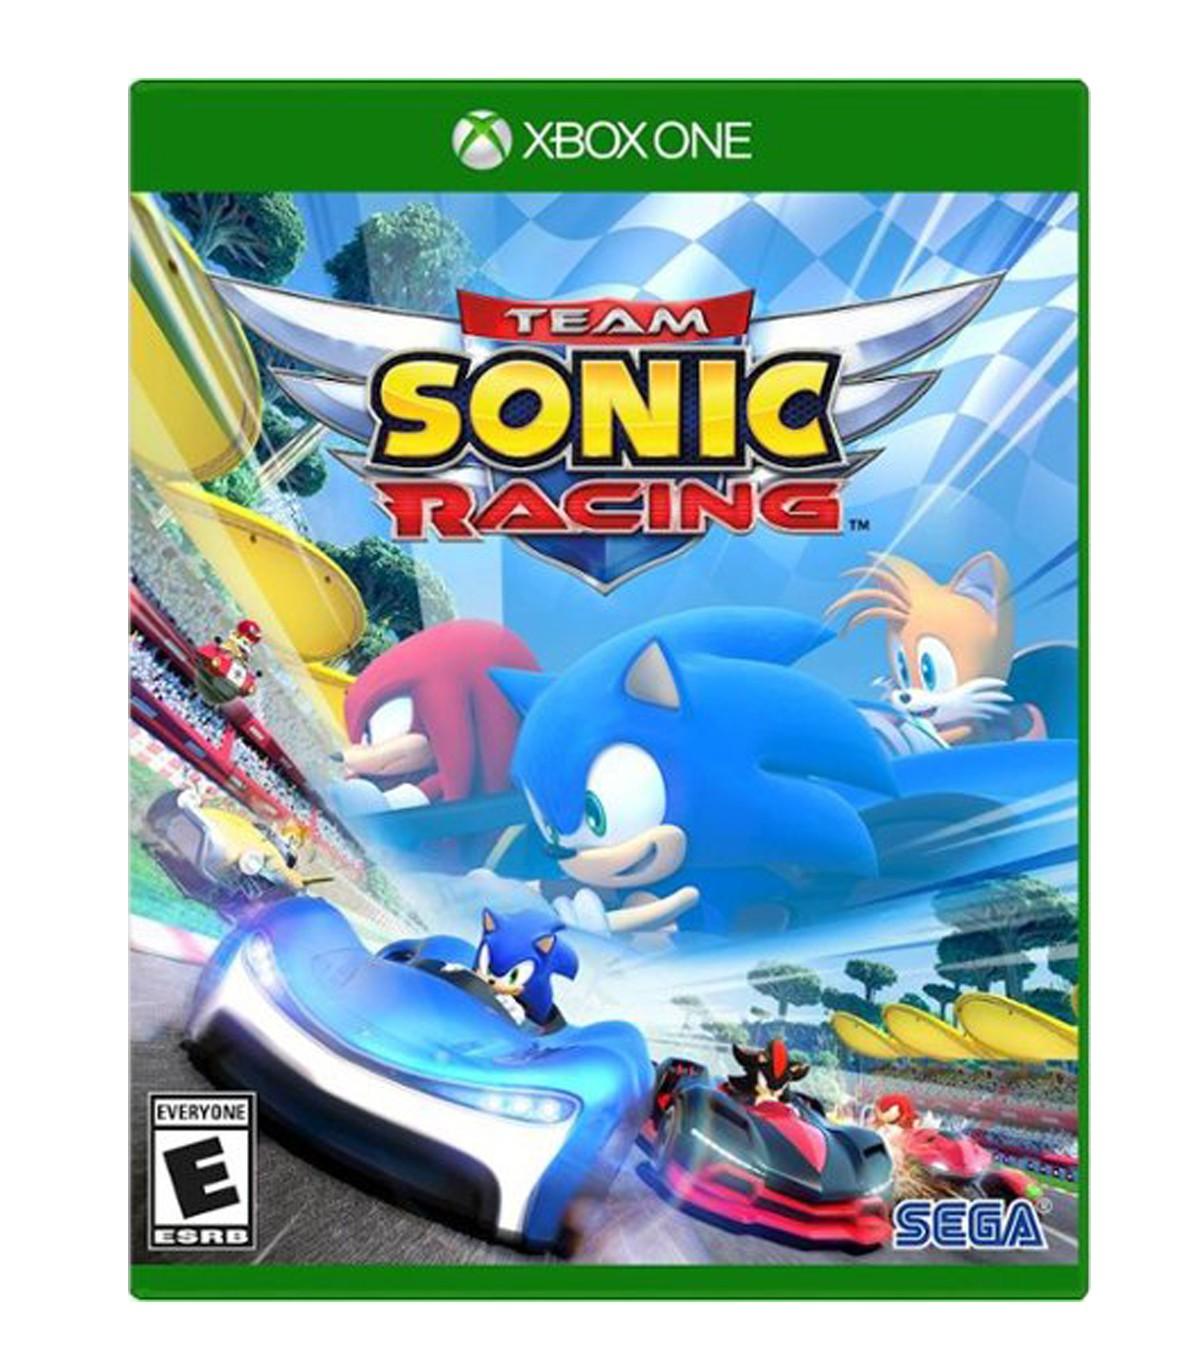 بازی Team Sonic Racing - ایکس باکس وان